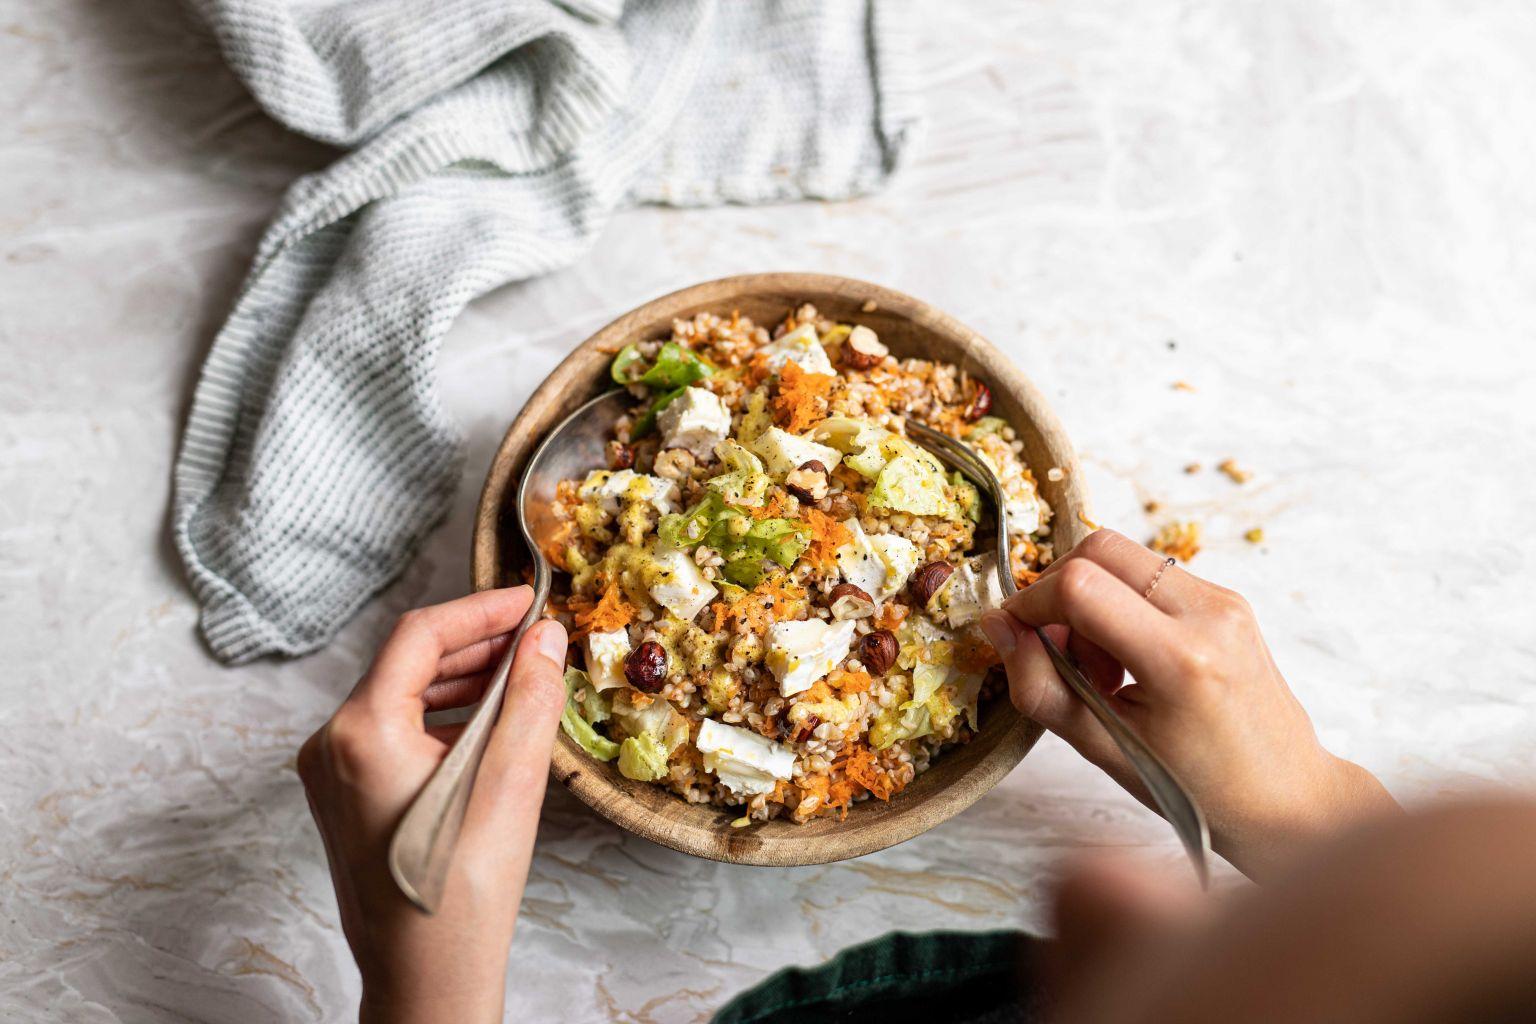 Salade de sarrasin à la bûche, moutarde et noisettes